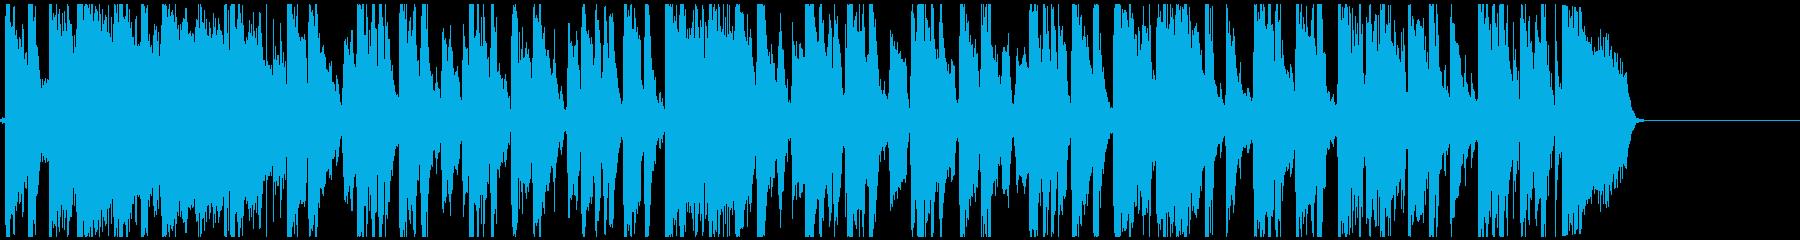 軽快なリズムのポップス曲の再生済みの波形